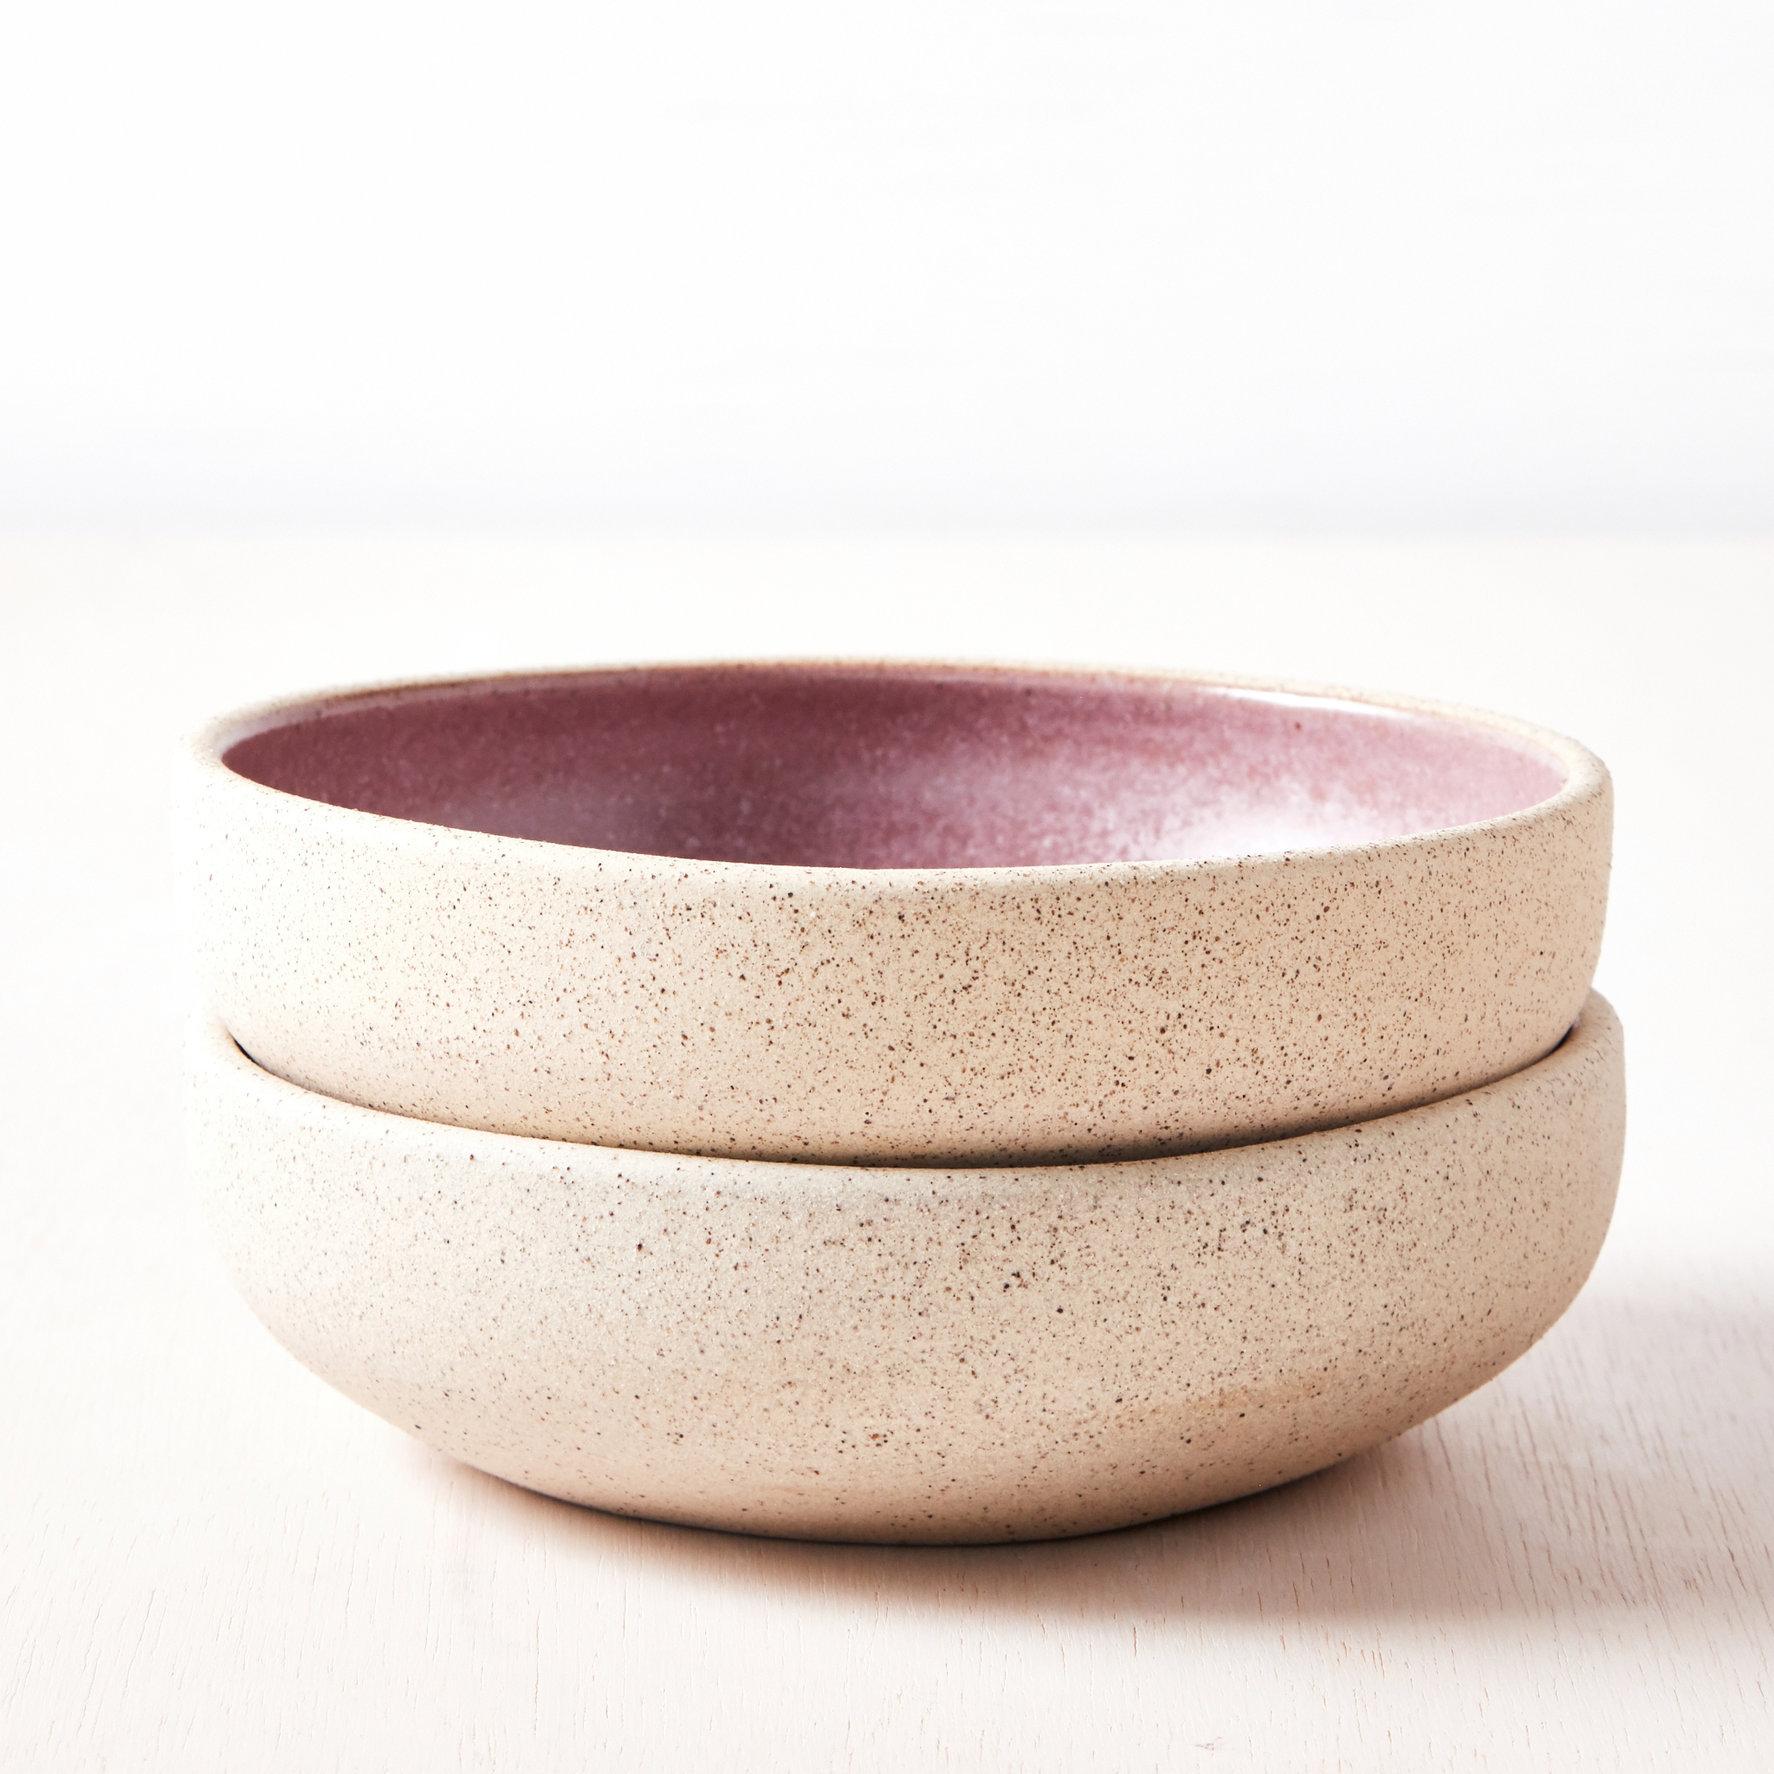 sunnys-pop-woloch-matt-dusty-rose-everyday-bowls-41679.jpg